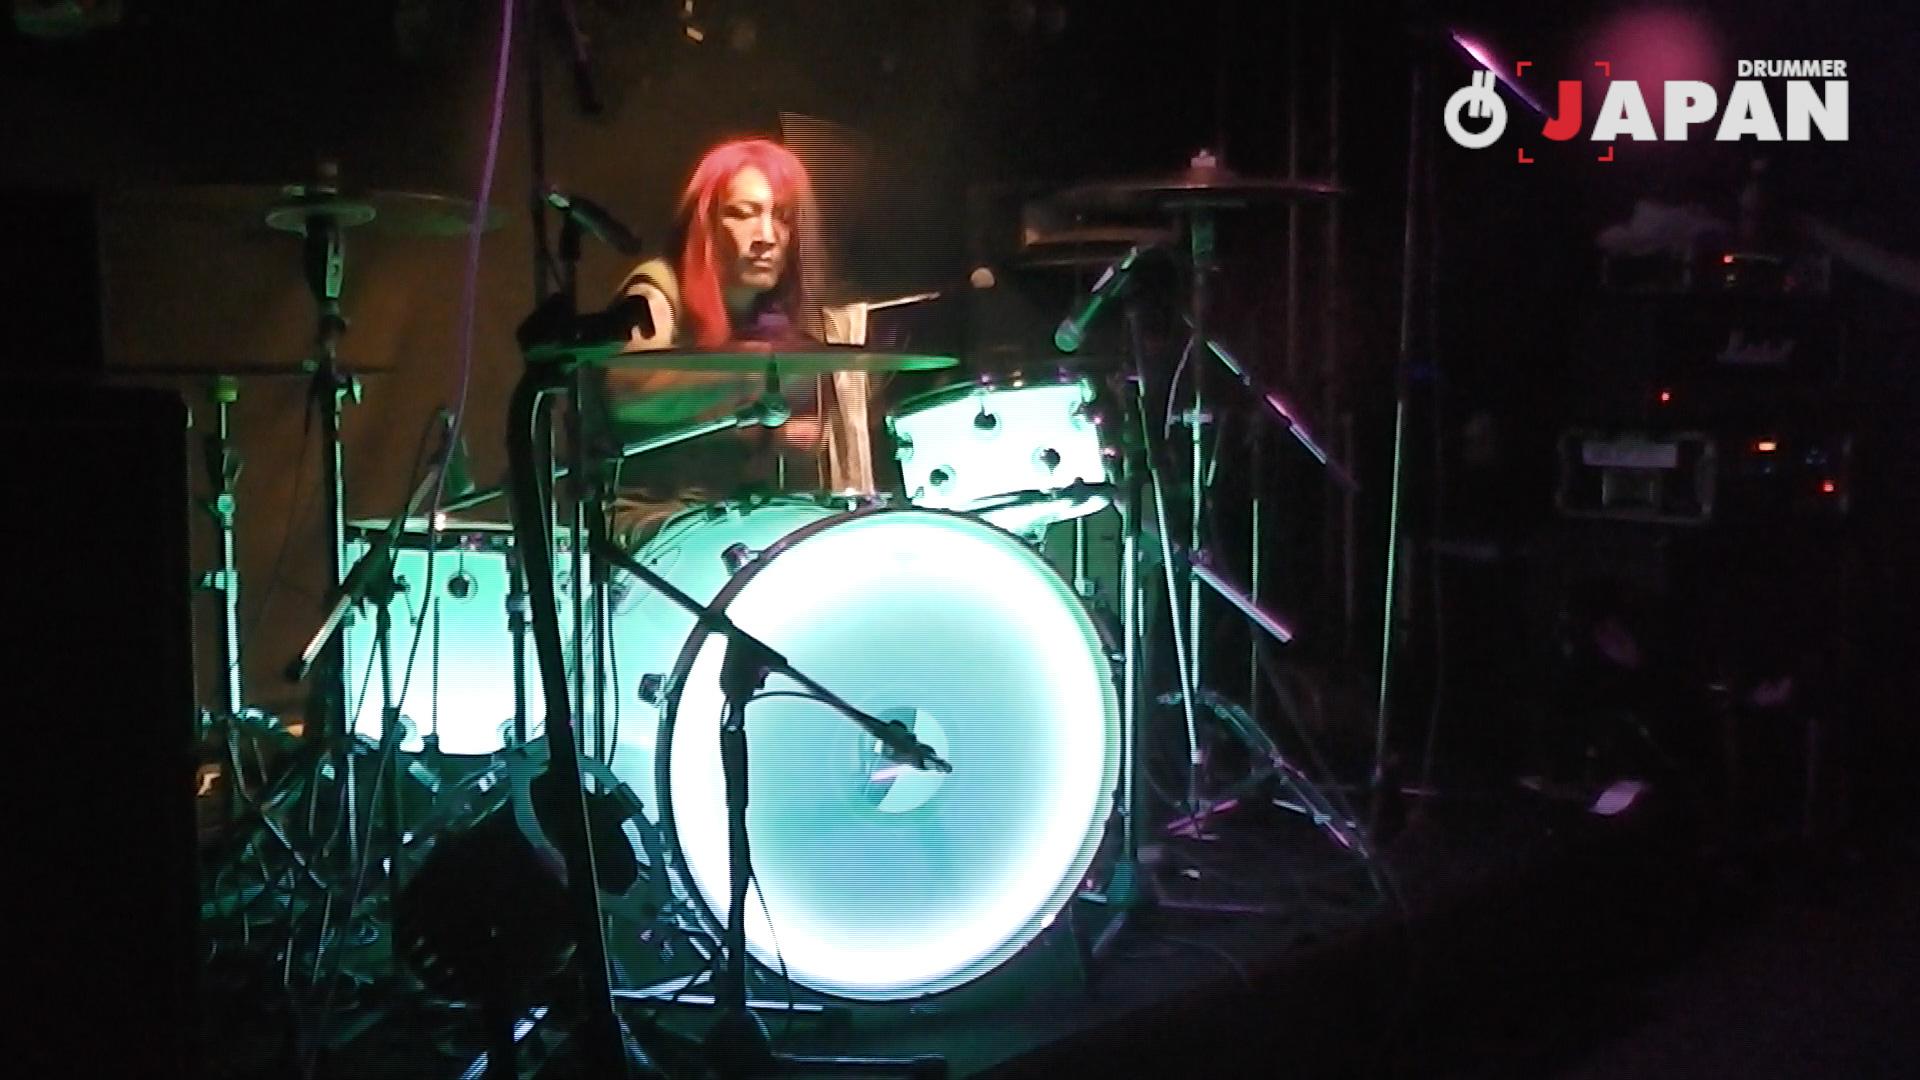 ドラムが光る!HIMAWARIさん 圧巻のドラムソロ